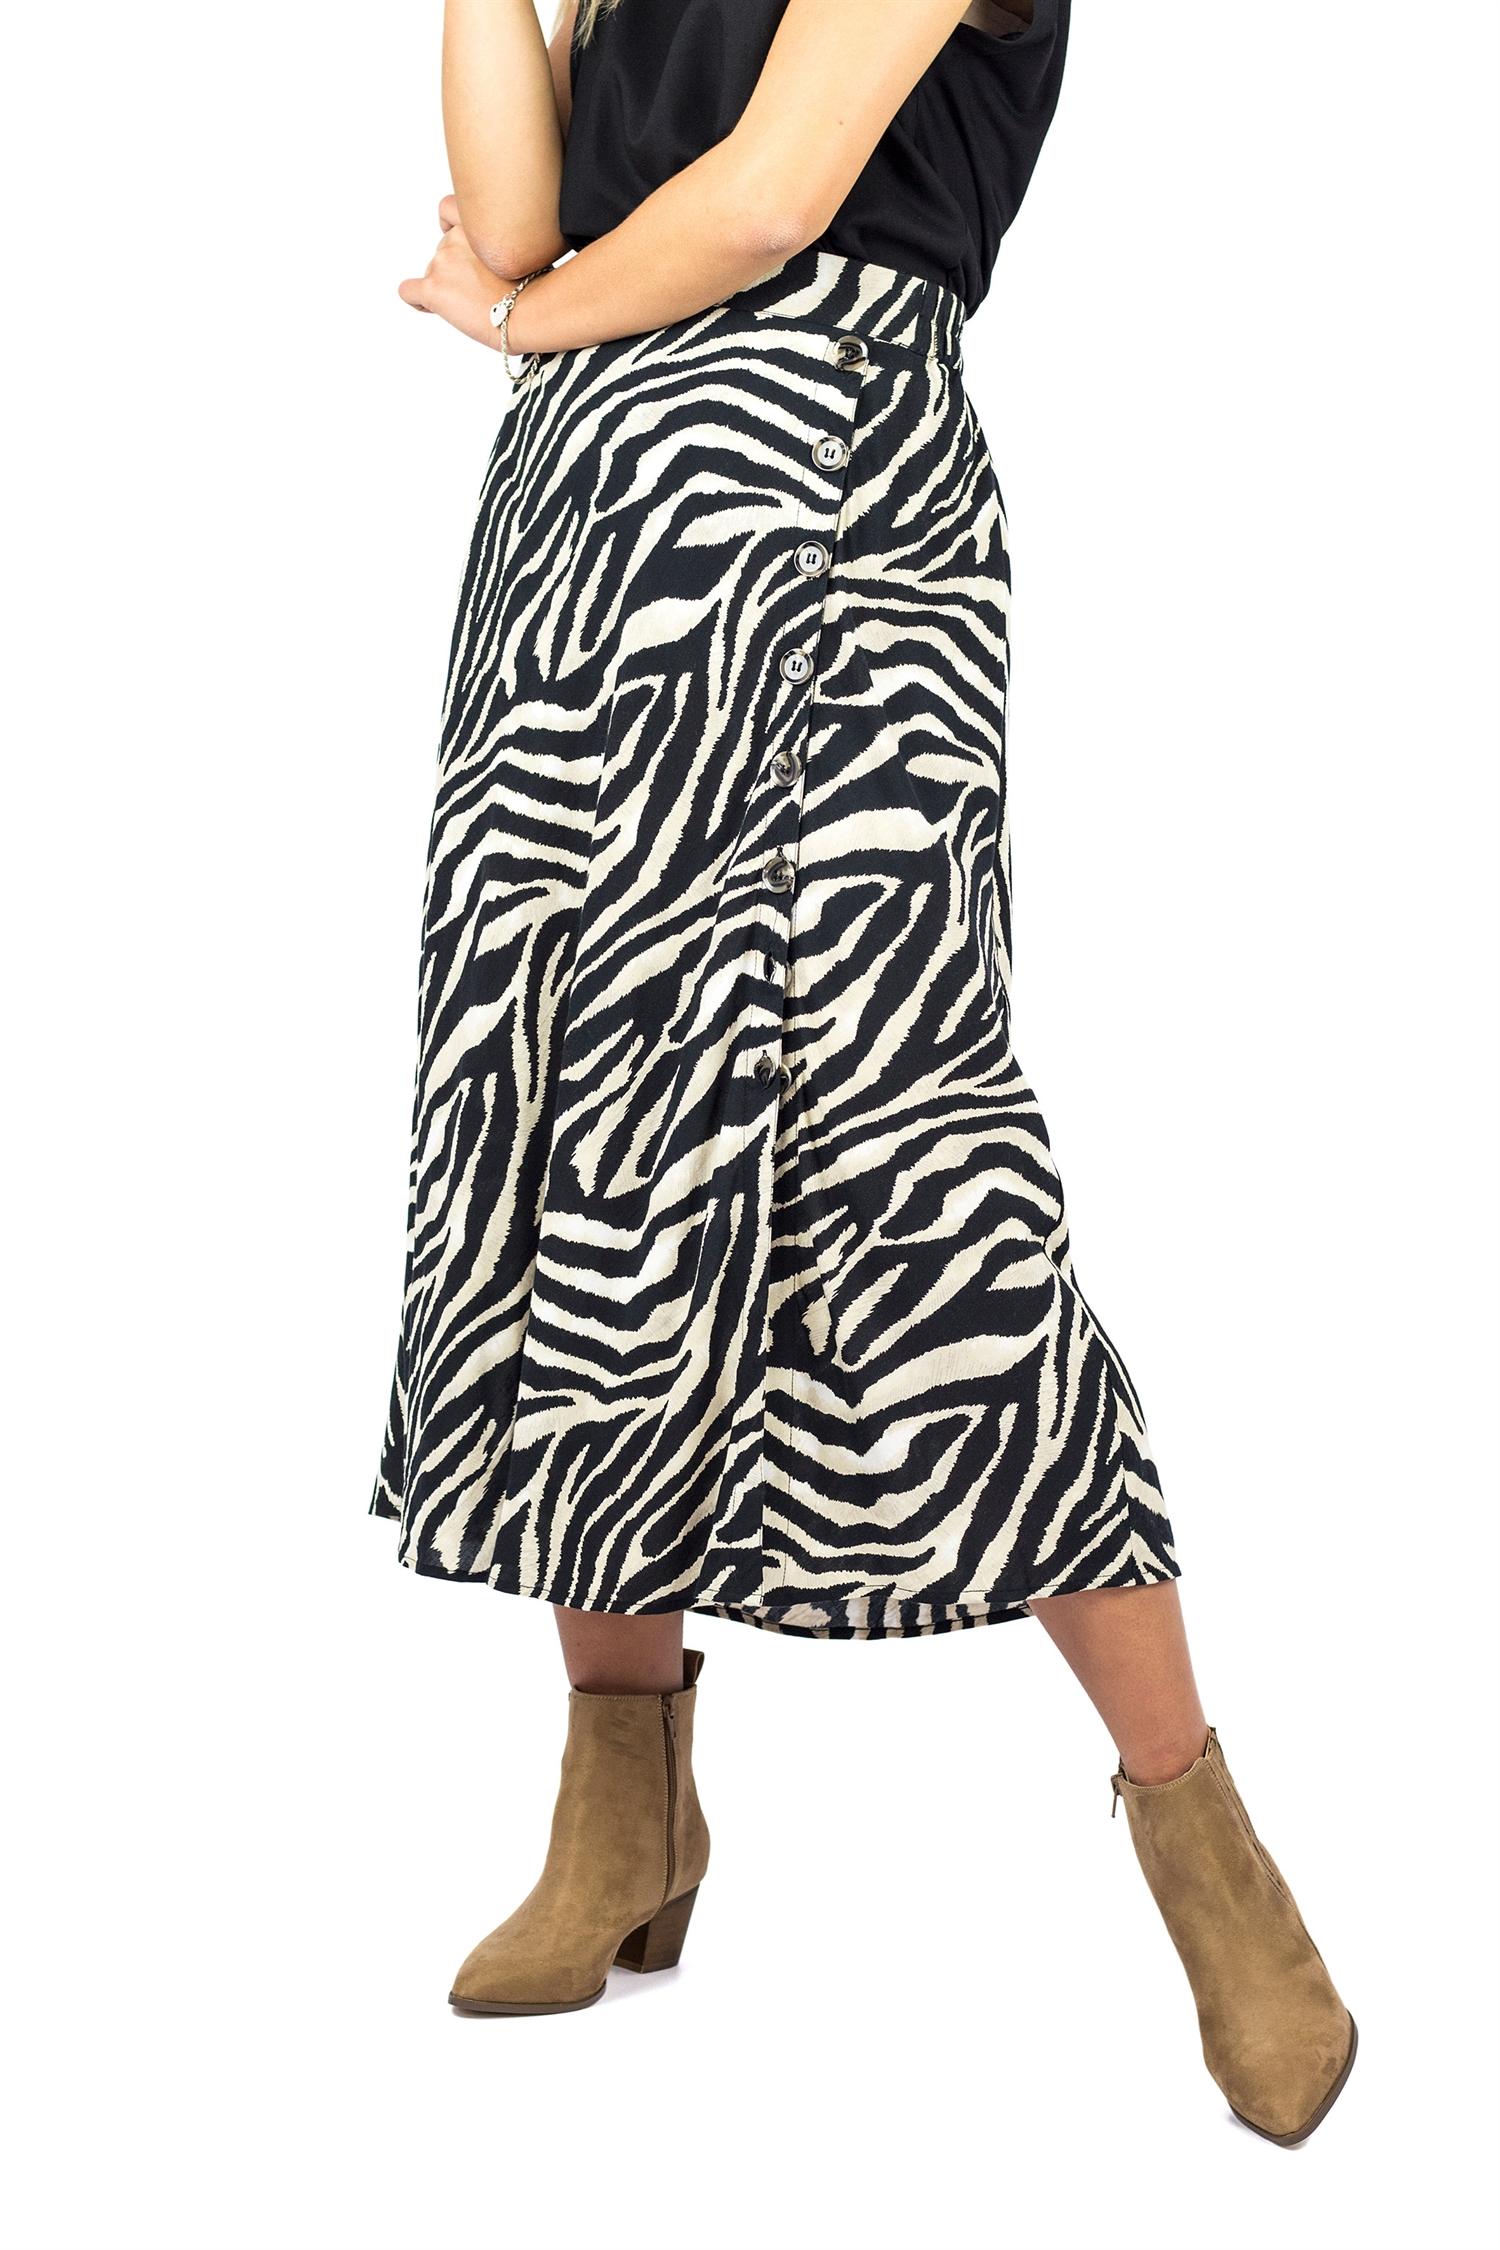 Indira skirt